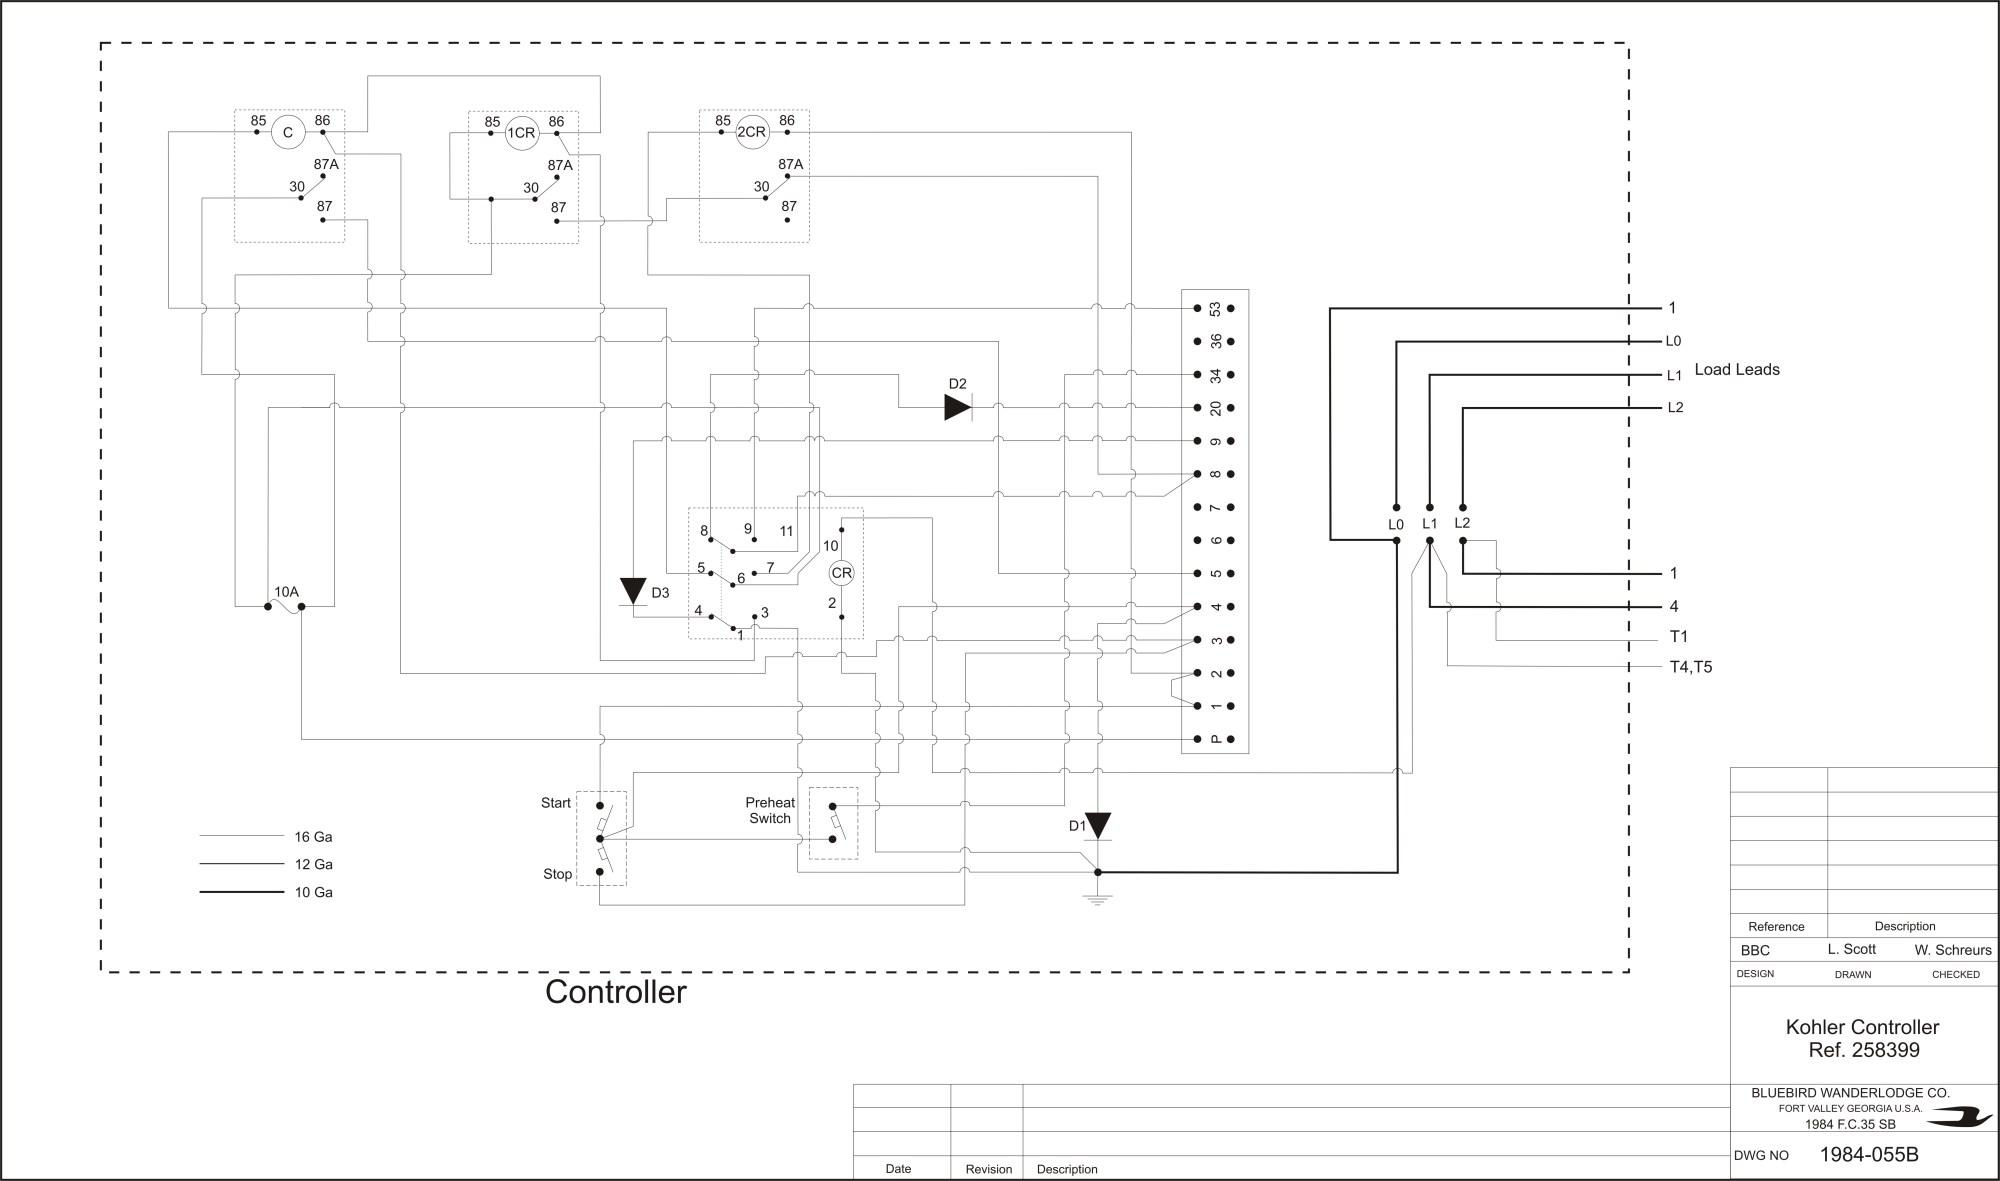 hight resolution of  dir 1991 1994 diagrams 2195021 1991 wb battchargeckt pdf dir 1993 wb option sheet 90266 1993 wide body hydraulic system pdf